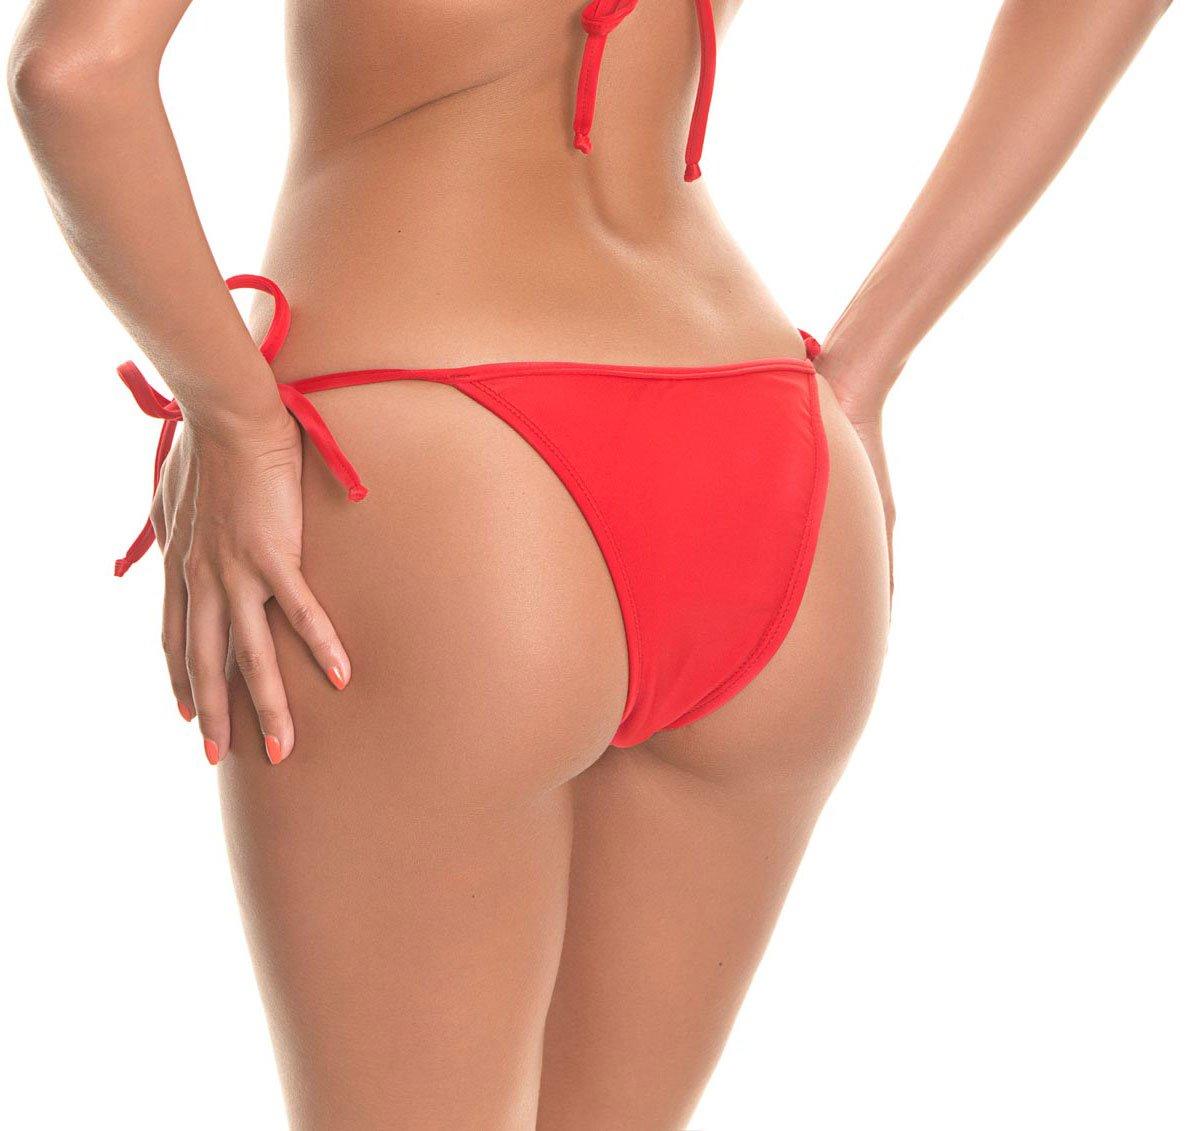 Image result for red tanga bikini